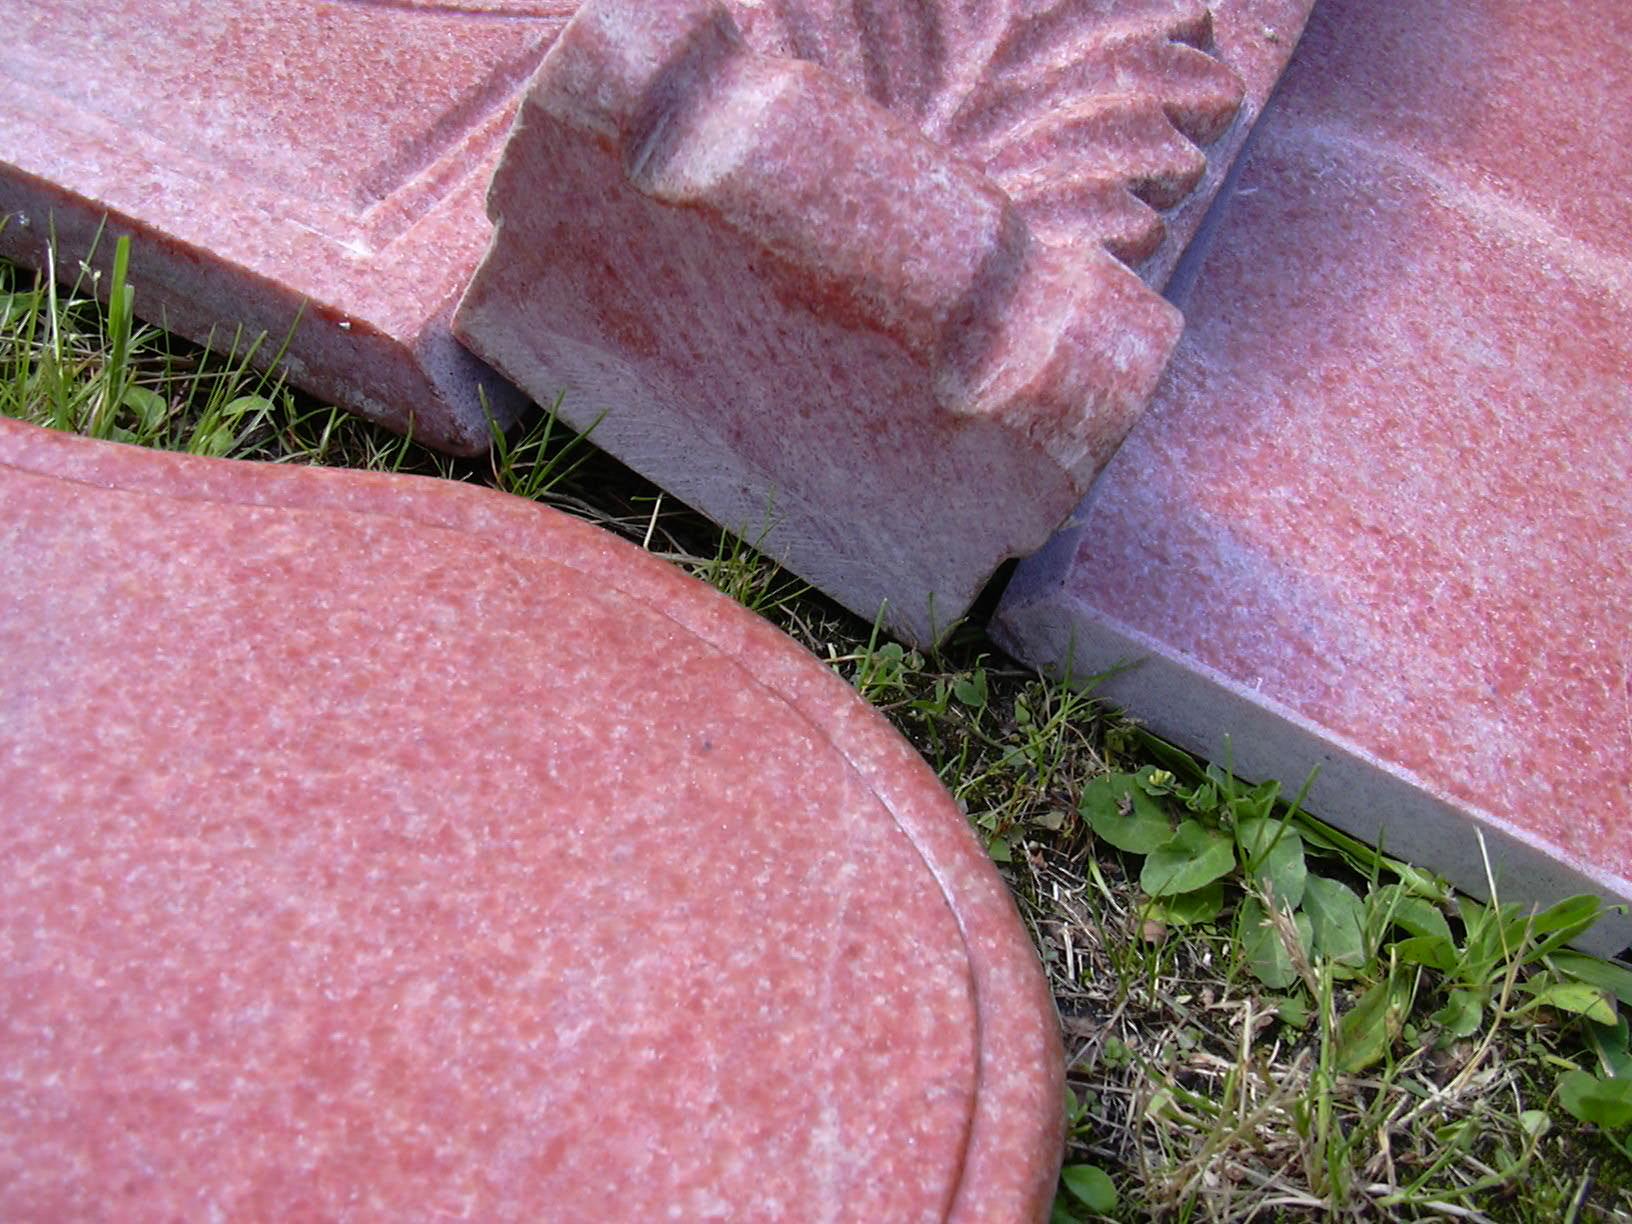 #49622822299444 Roze Marmeren Schouw In De Louis XV Stijl Schouw Oude Bouwmaterialen Van de bovenste plank Design Meubelen Faillissement 1483 beeld 163212241483 Inspiratie